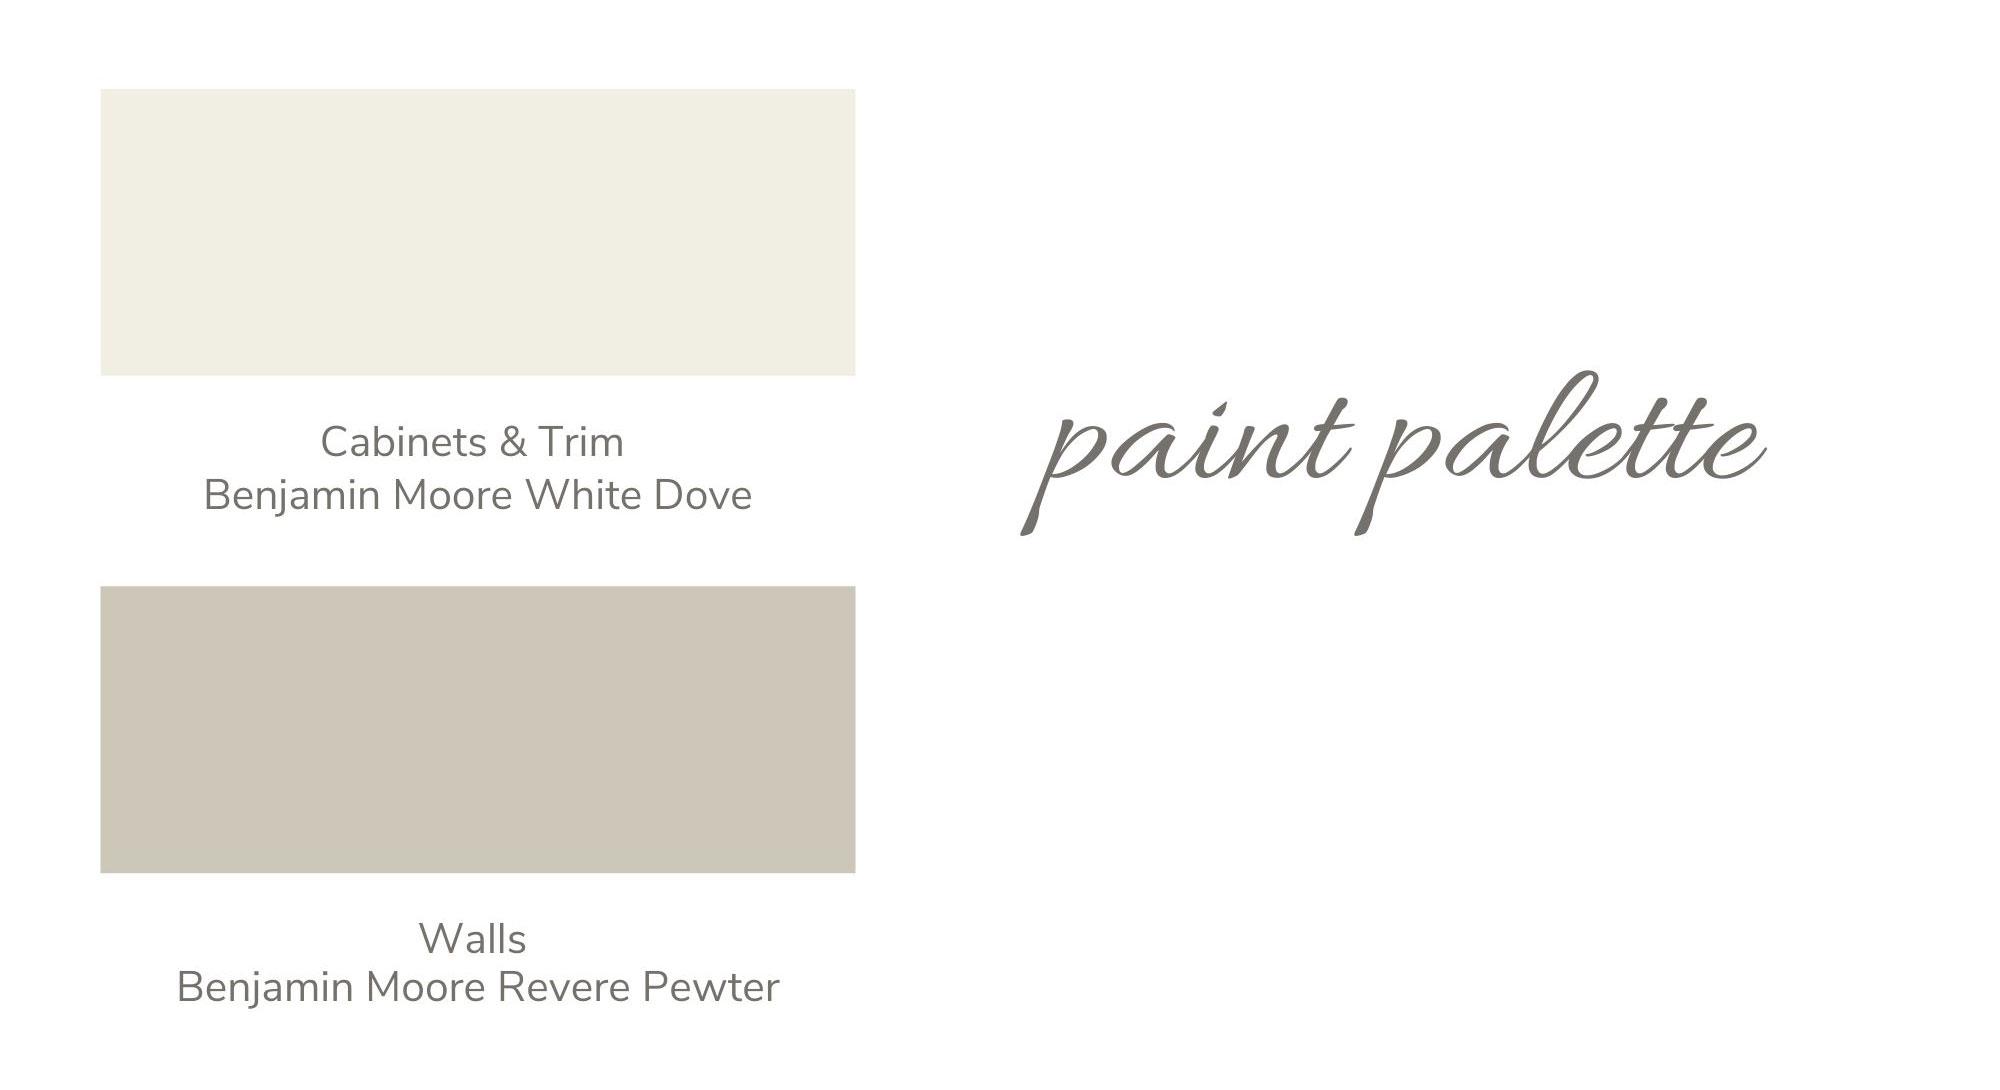 Cabinets & Trim | Walls - Paint Palette